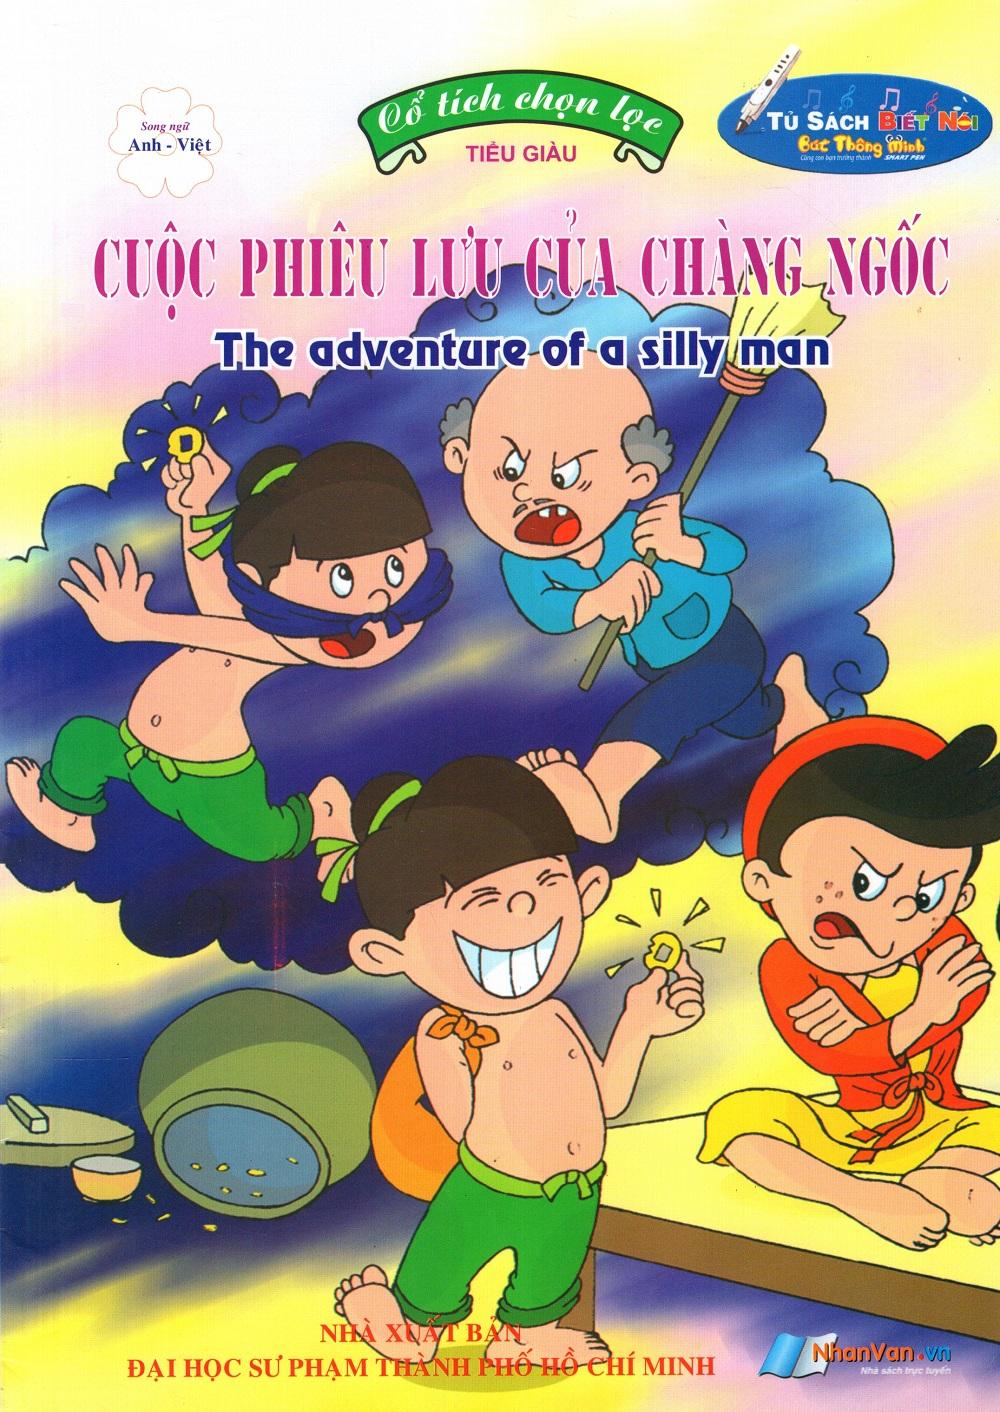 Bìa sách Cổ Tích Chọn Lọc: Cuộc Phiêu Lưu Của Chàng Ngốc (Song Ngữ Anh - Việt)